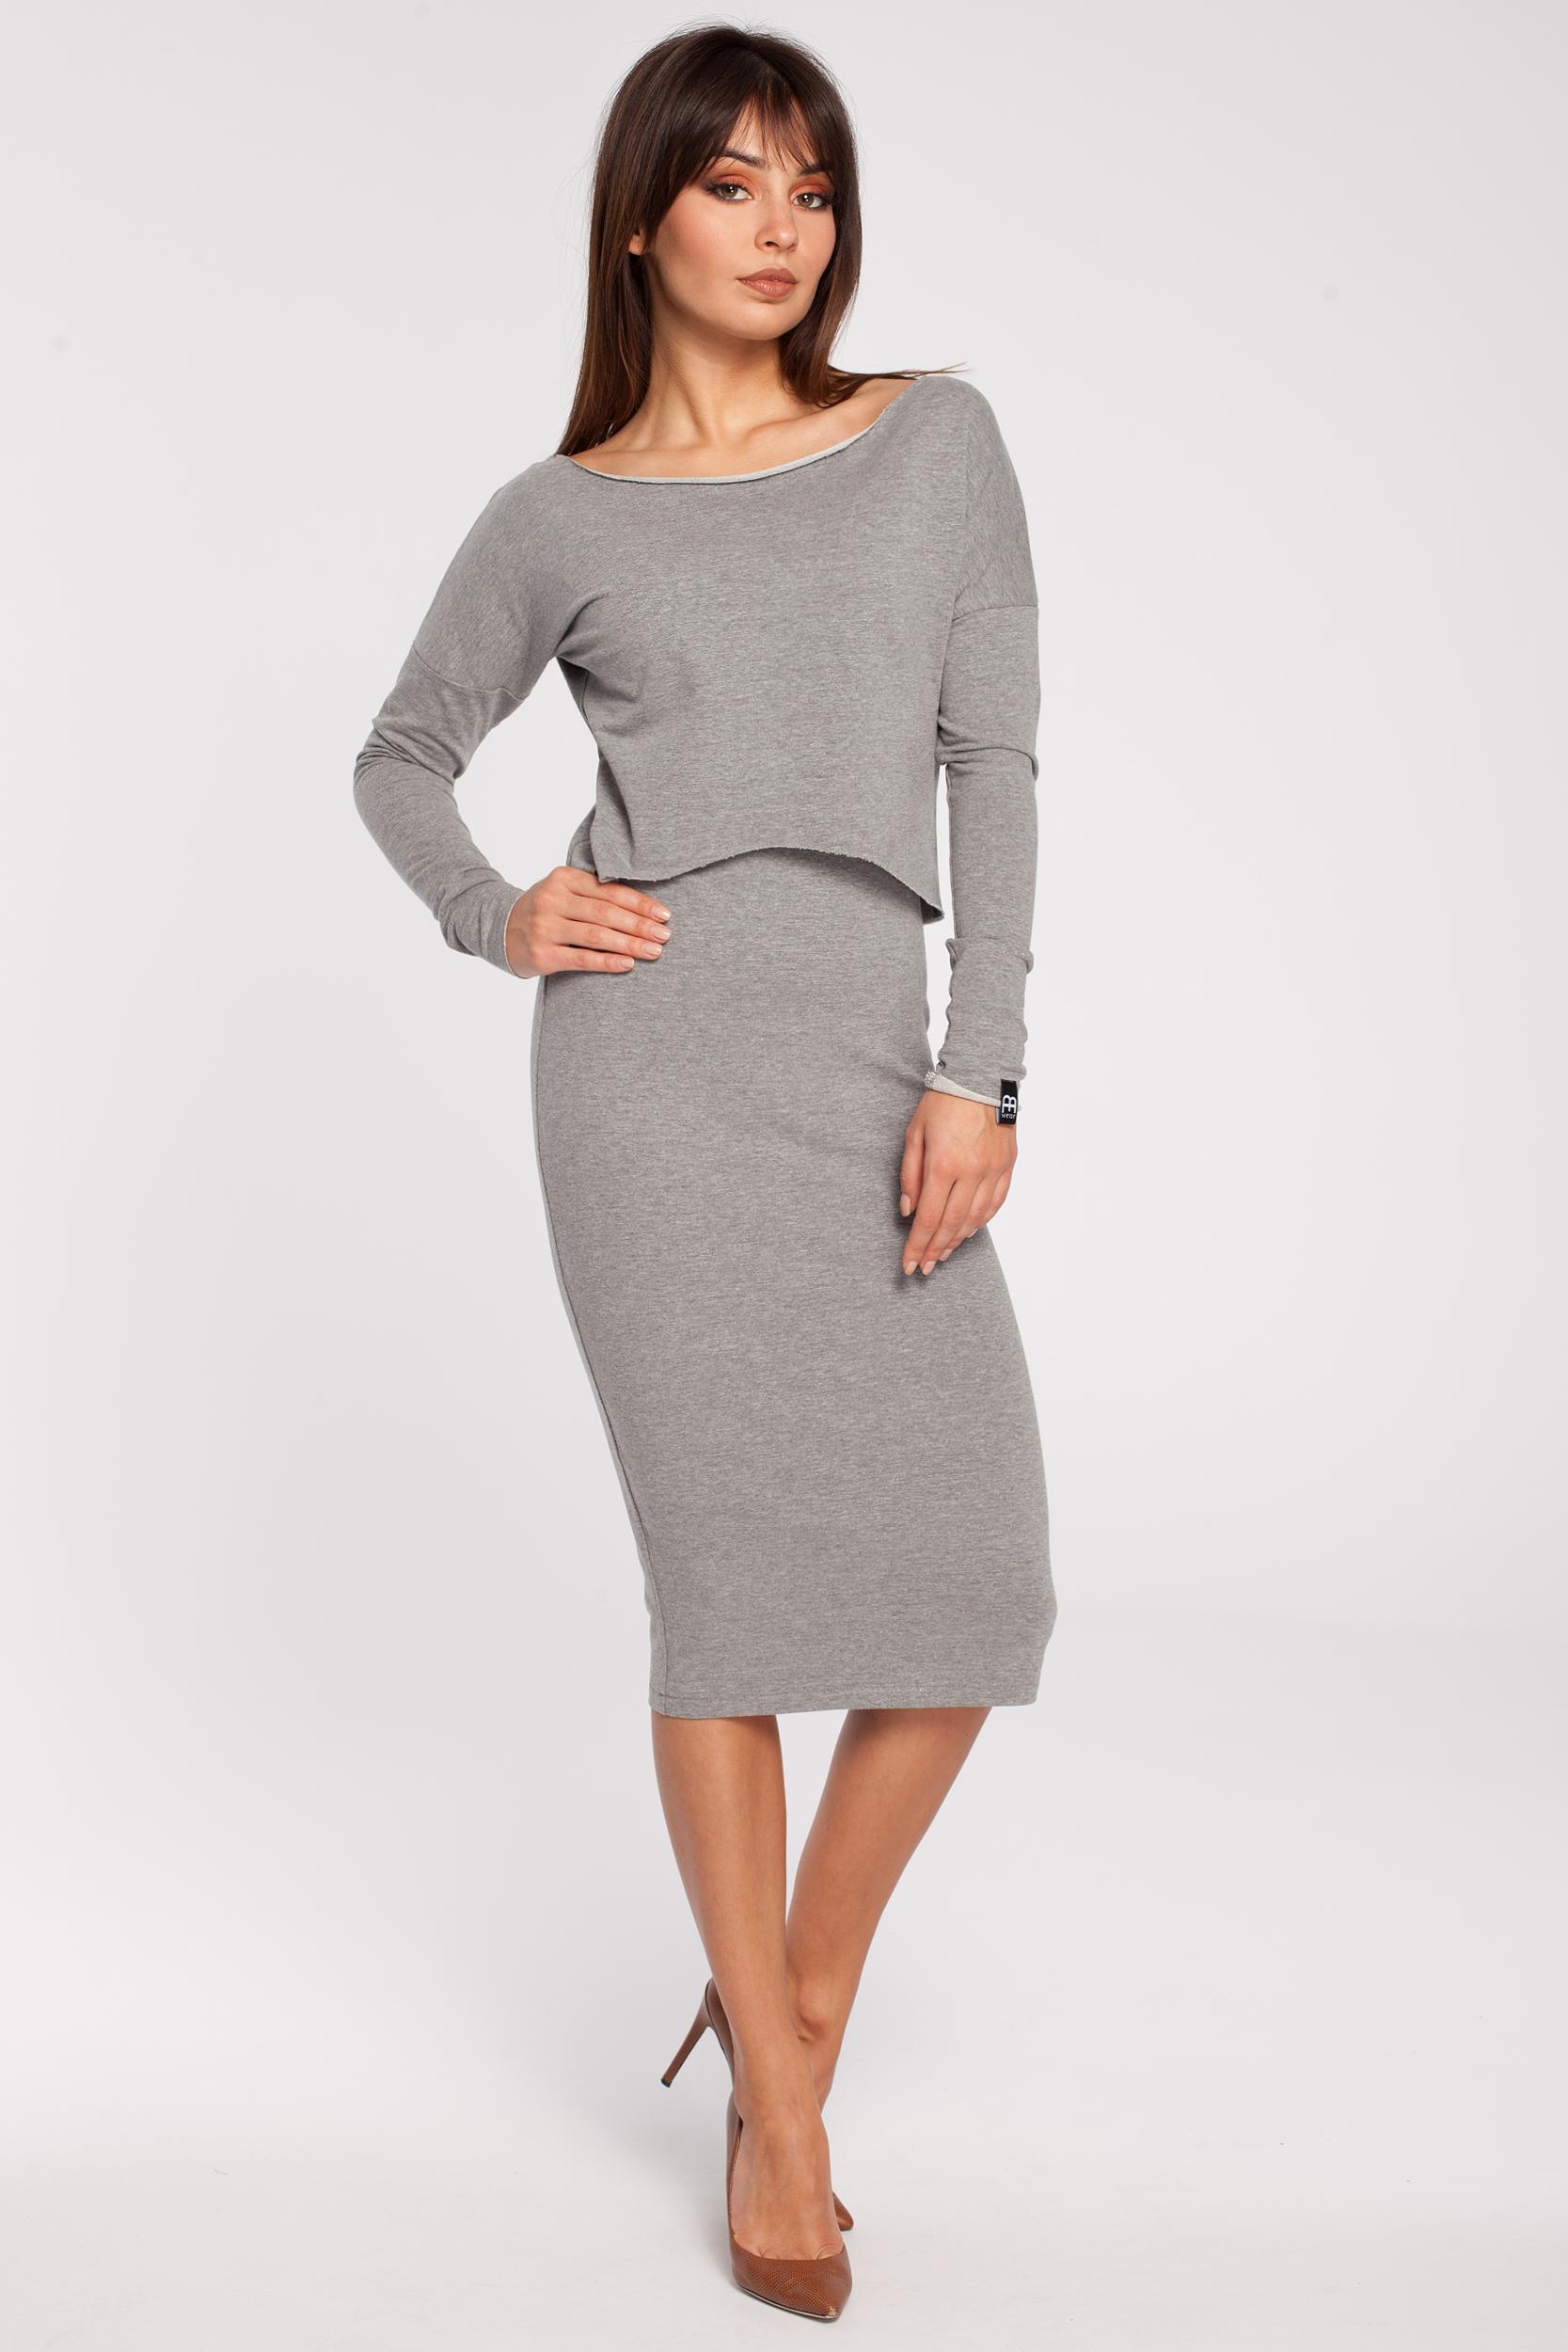 CM2780 Elastyczna ołówkowa sukienka midi - szara